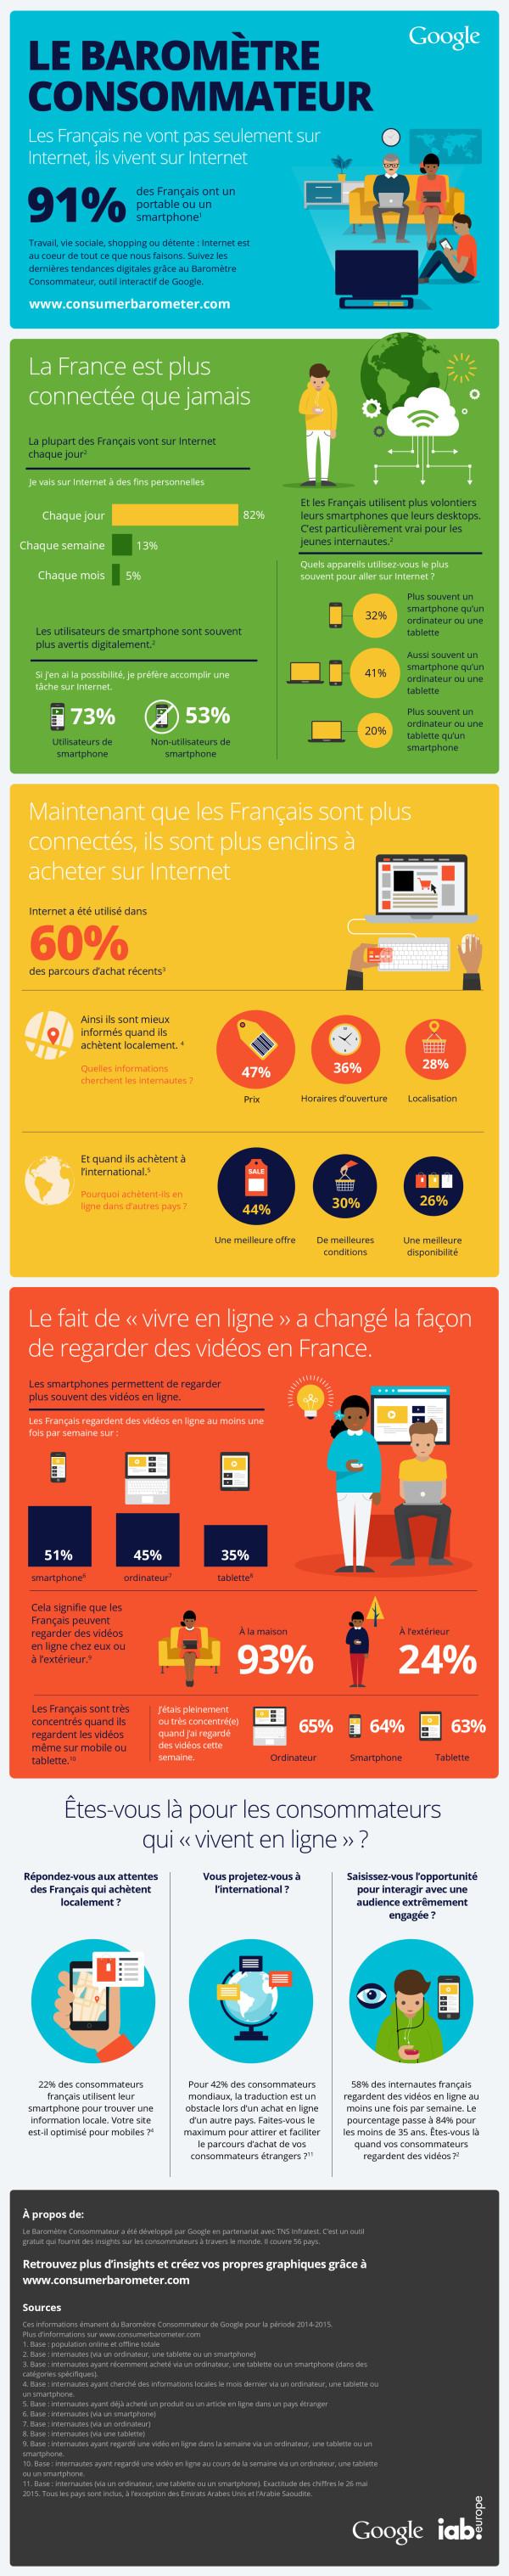 Infographie 213 - barometre-consommateur-google-2015-600x3034